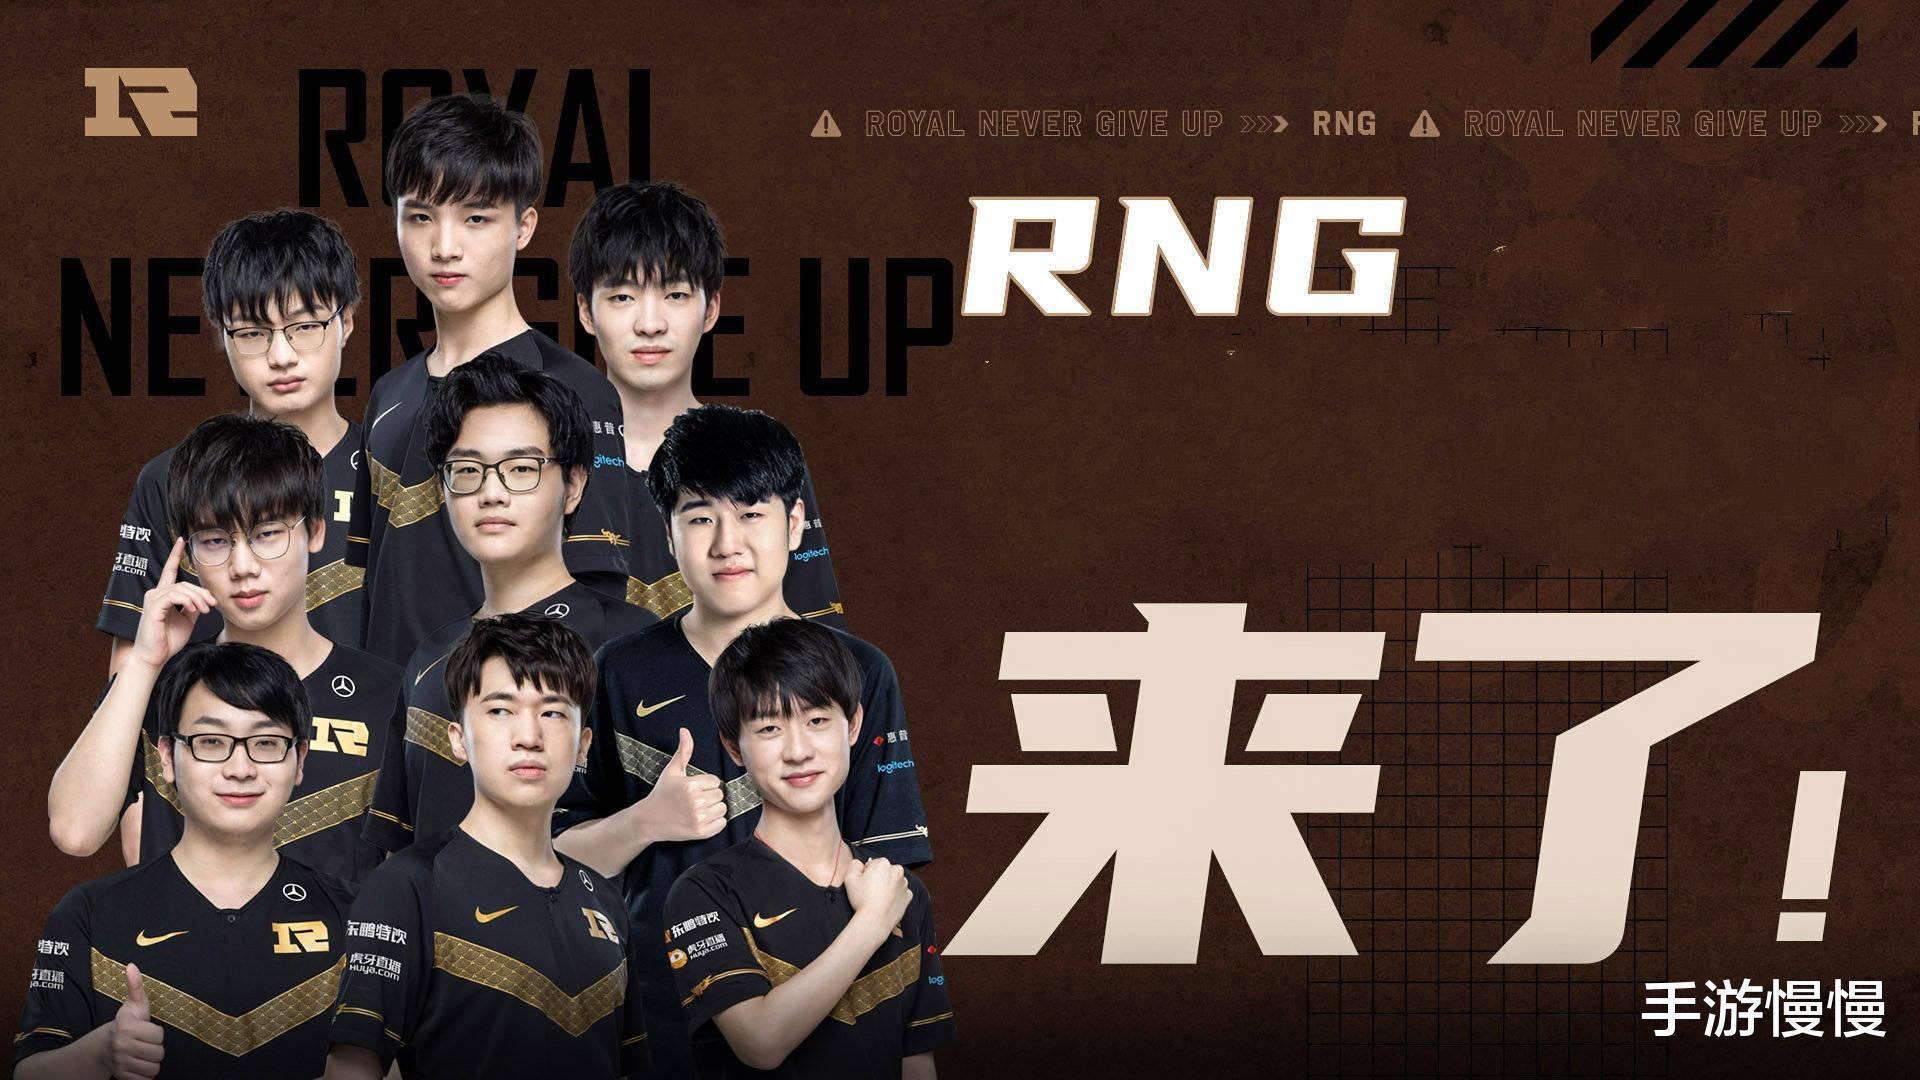 《【煜星娱乐公司】人气实力双输,RNG老板后悔极了,粉丝调侃:GNR首发都比他们强》